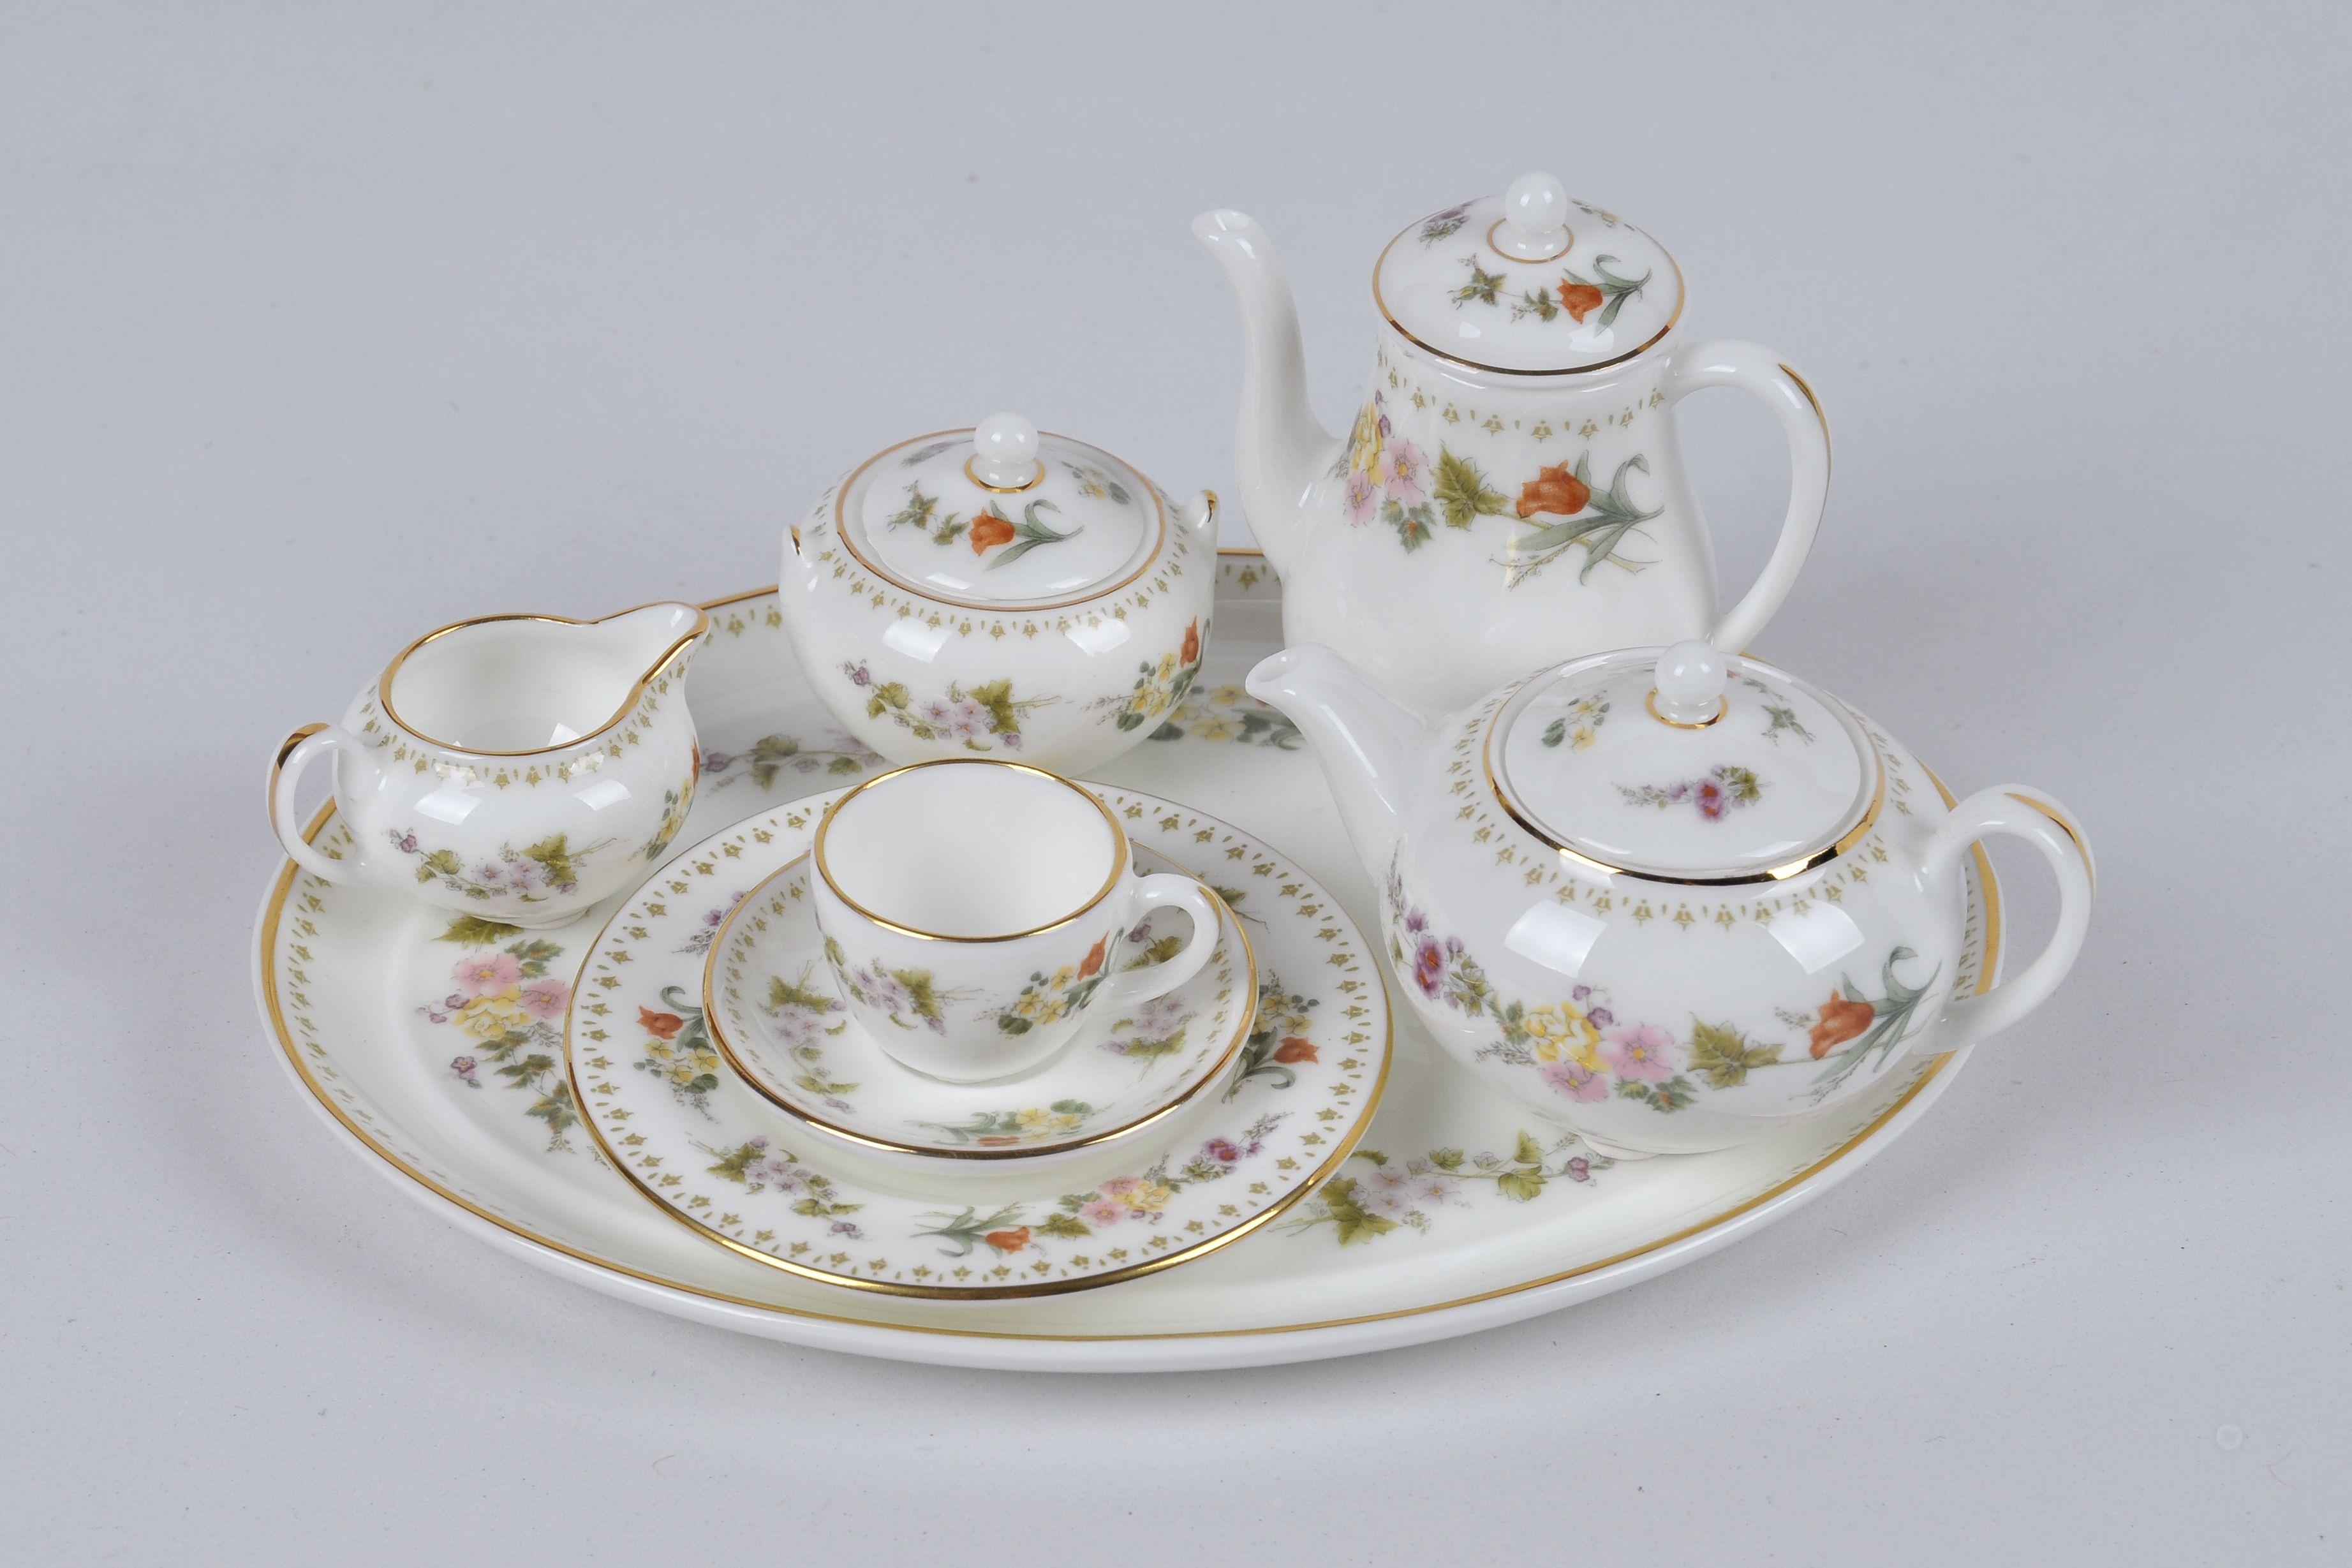 Dollhouse Miniature Dresden Rose Pink Floral Porcelain Tea Set for 4